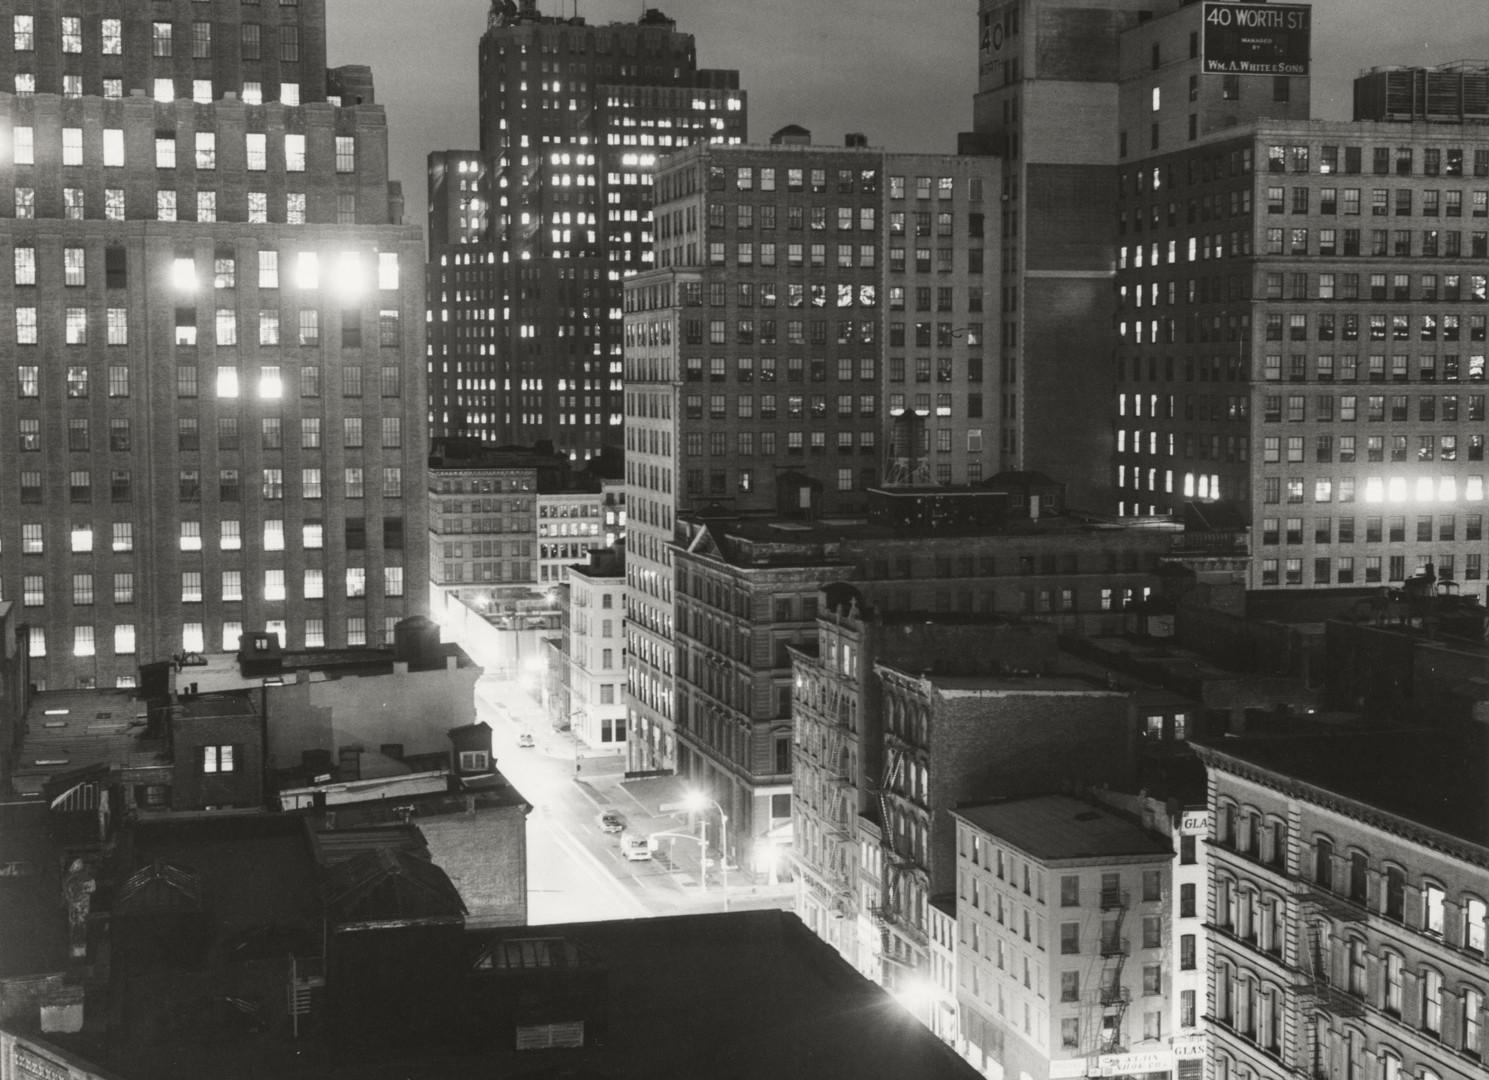 Peter Hujar, Night, Downtown, 1976